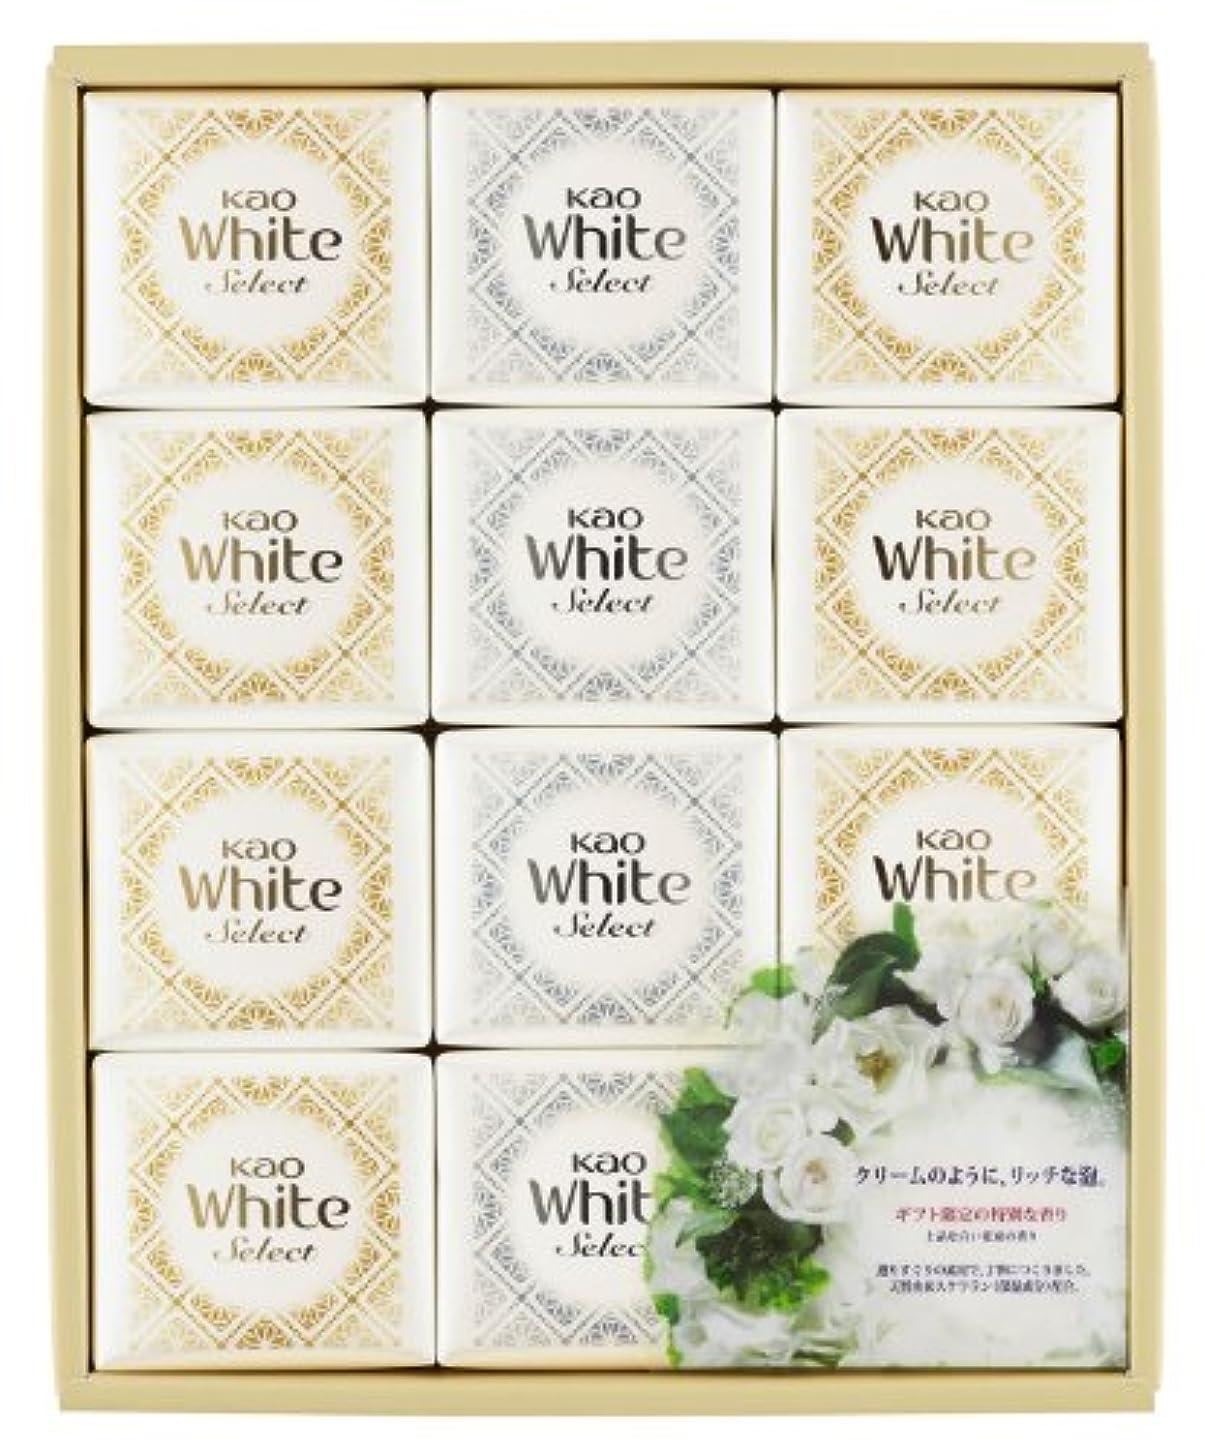 化学薬品入射女性花王ホワイト セレクト 上品な白い花束の香り 85g 12コ K?WS-20